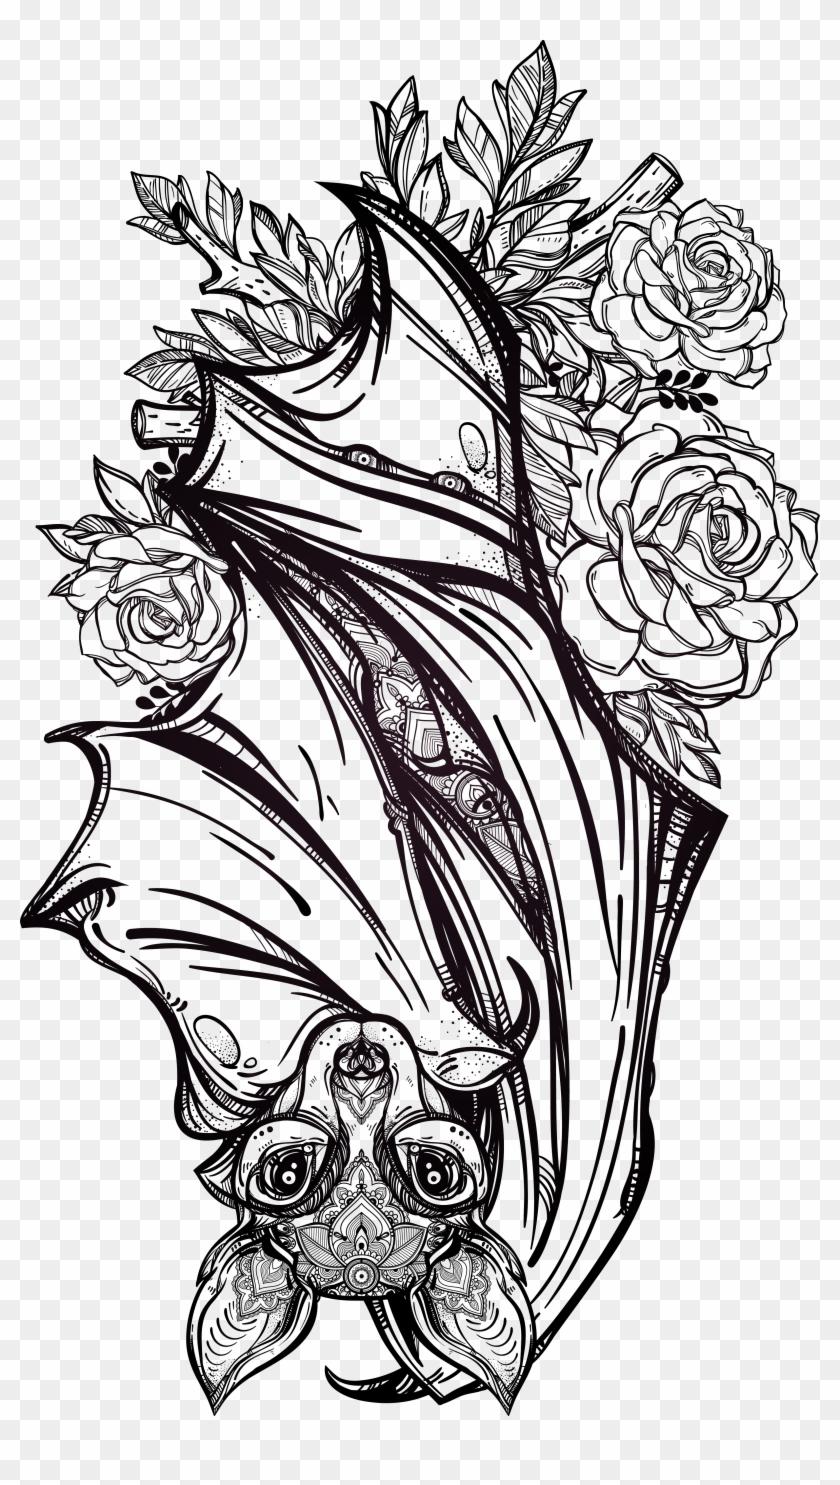 Find Hd Tattoo Bat Fashion Artist Flash Gothic Hand Painted Vampire Bat Bat Tattoo Design Hd Png Download T Bats Tattoo Design Vampire Tattoo Gothic Tattoo